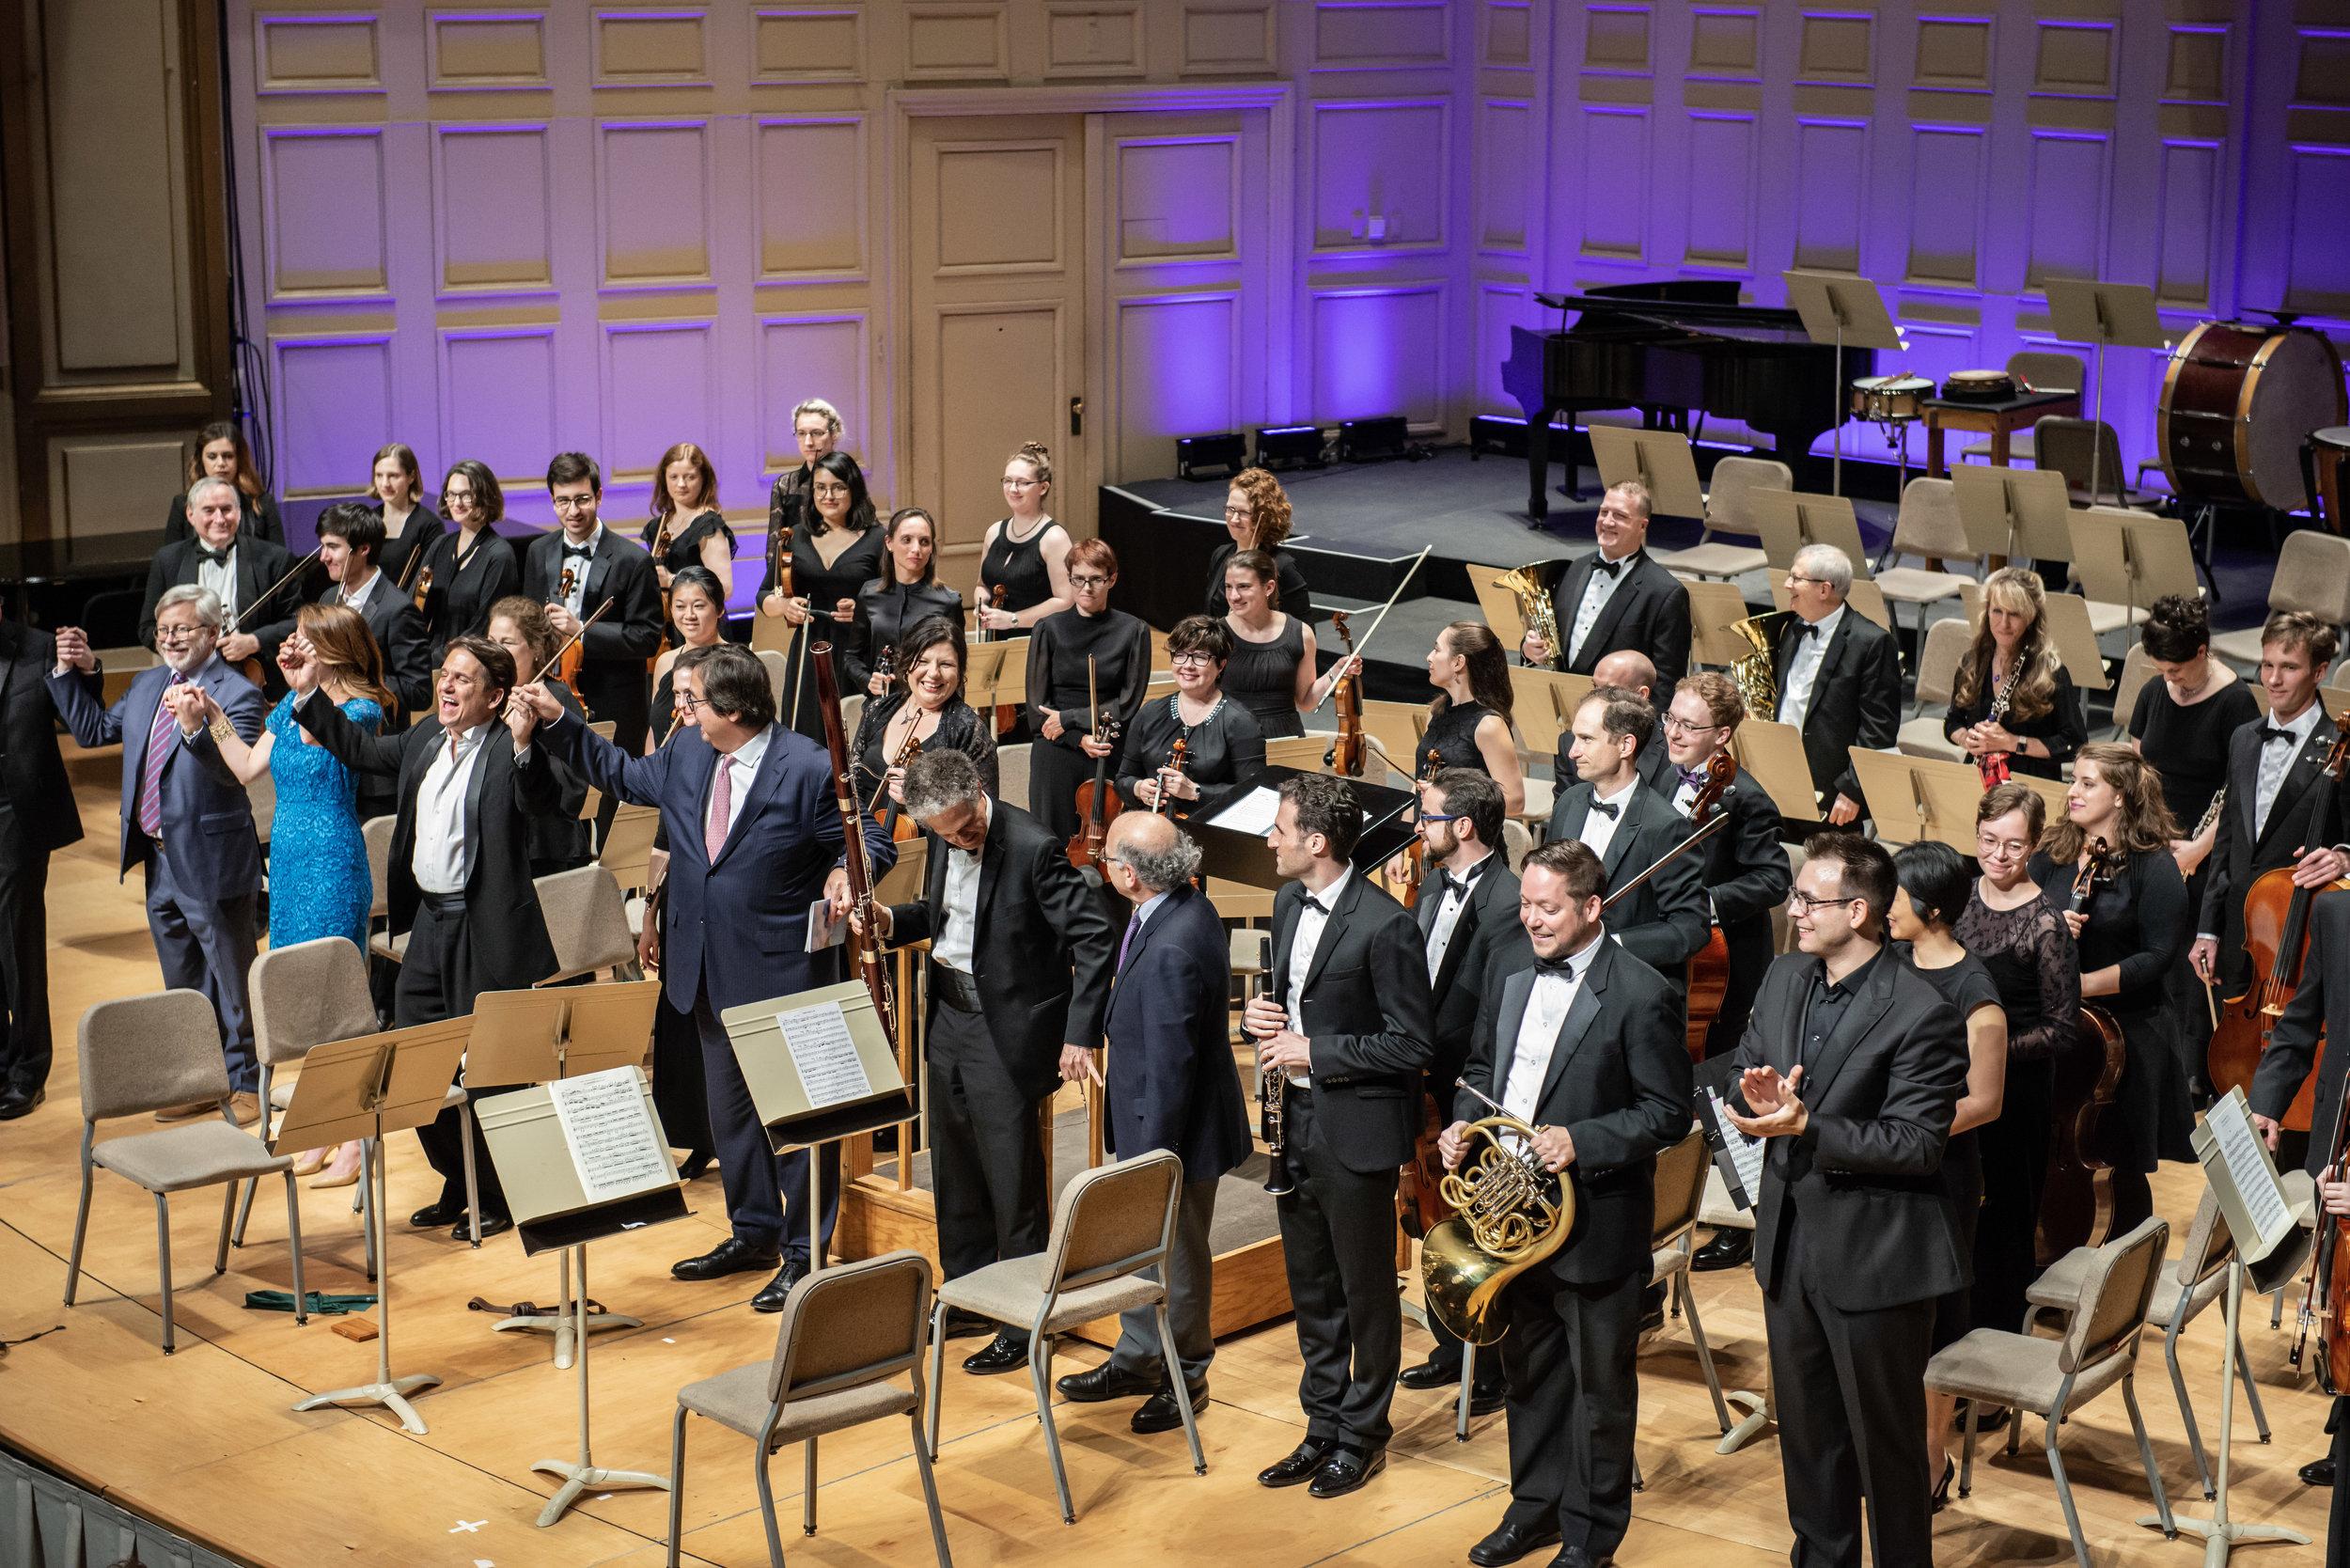 SymphonyForScience-Concert_DSC7317.jpg